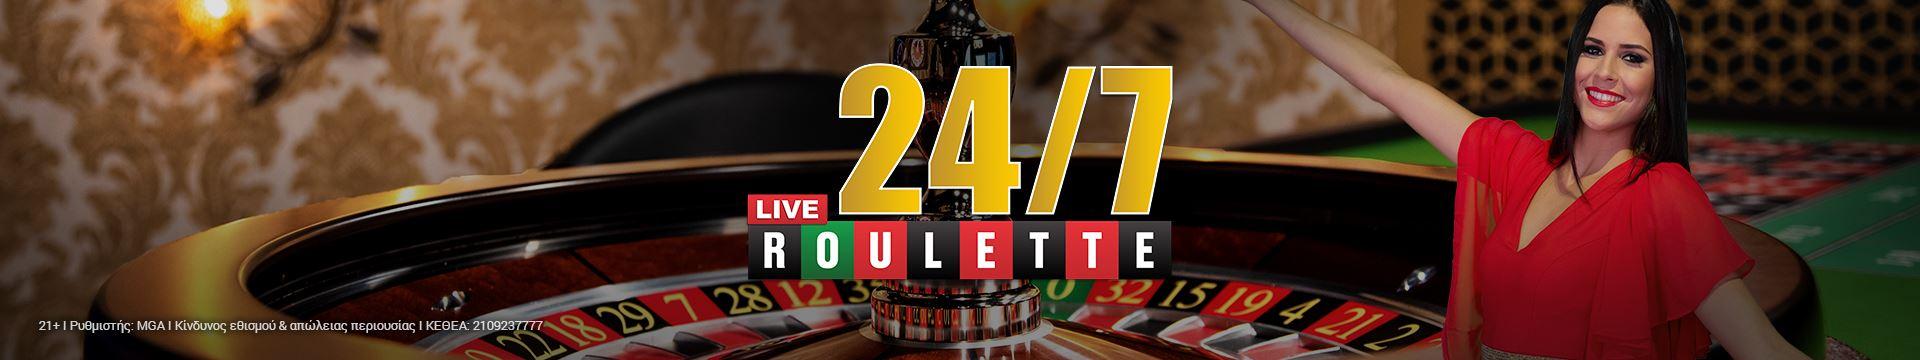 24_7_Roulette